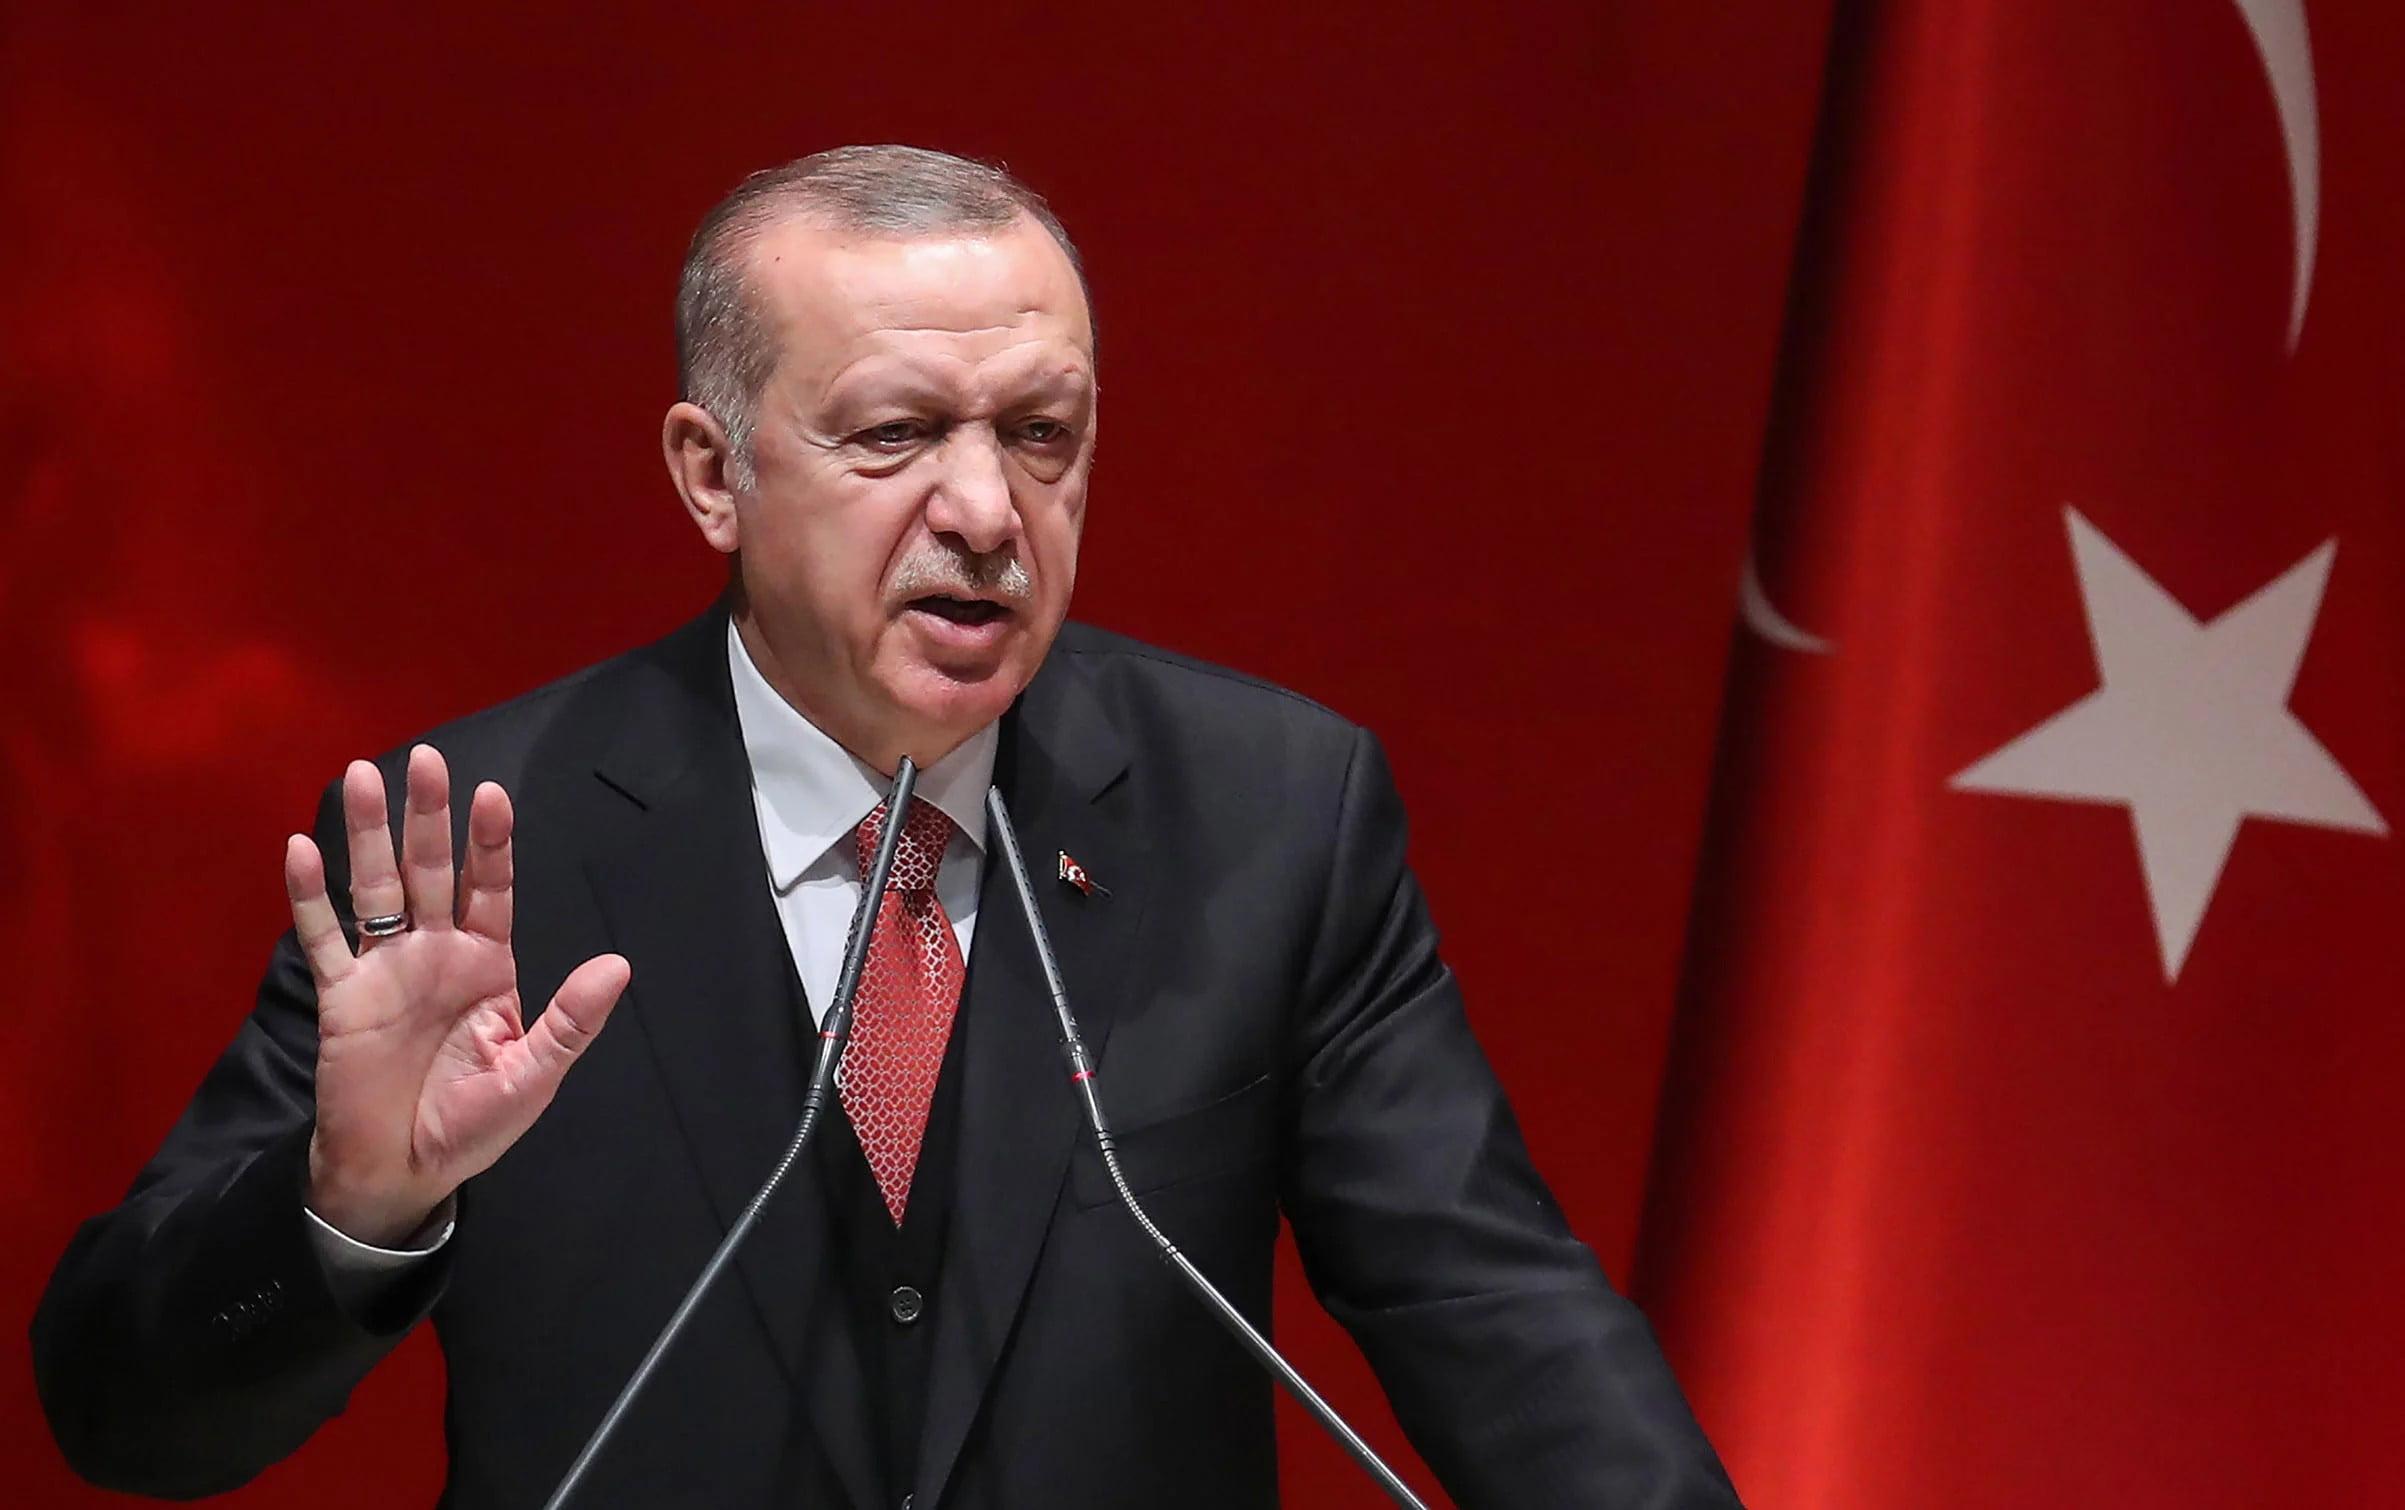 Αναστάτωση στην Τουρκία! Ο Ερντογάν χρησιμοποιεί κάθε μέσο εξόντωσης αντιπάλων – Τί αναφέρει δημοσίευμα στην Deutsche Welle